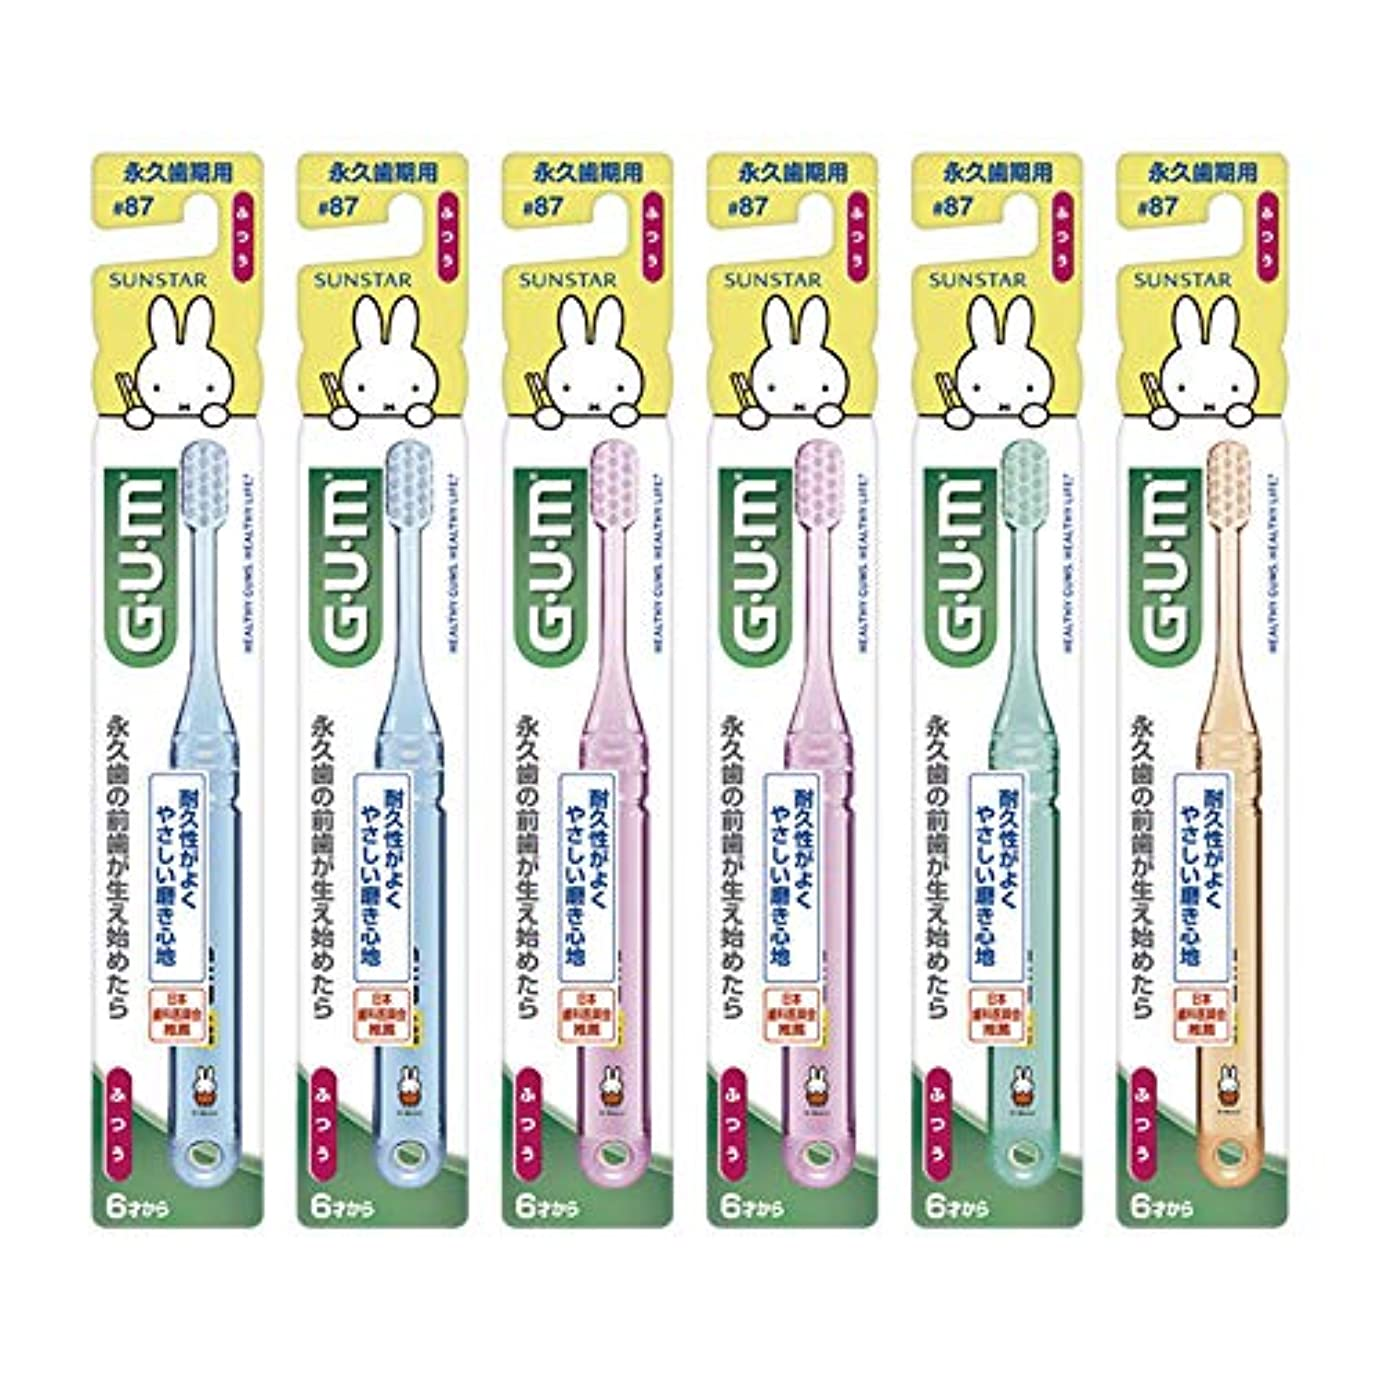 ベイビー微視的いらいらさせるGUM(ガム) デンタル こども 歯ブラシ #87 [永久歯期用/ふつう] 6本パック+ おまけつき【Amazon.co.jp限定】